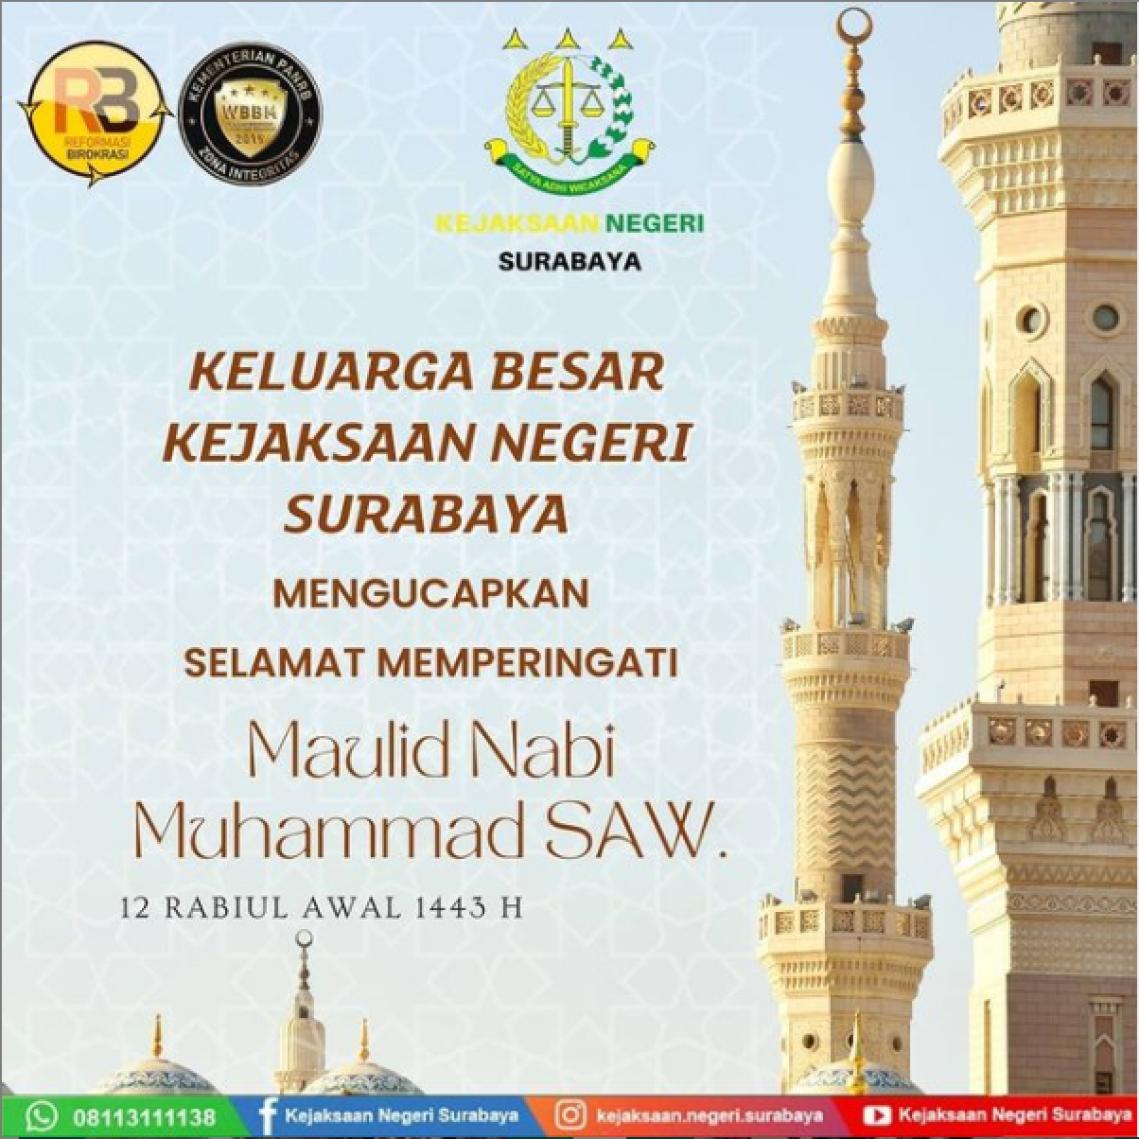 Keluarga Besar Kejaksaan Negeri Surabaya Mengucapkan Selamat Memperingati Maulid Nabi Muhammad SAW